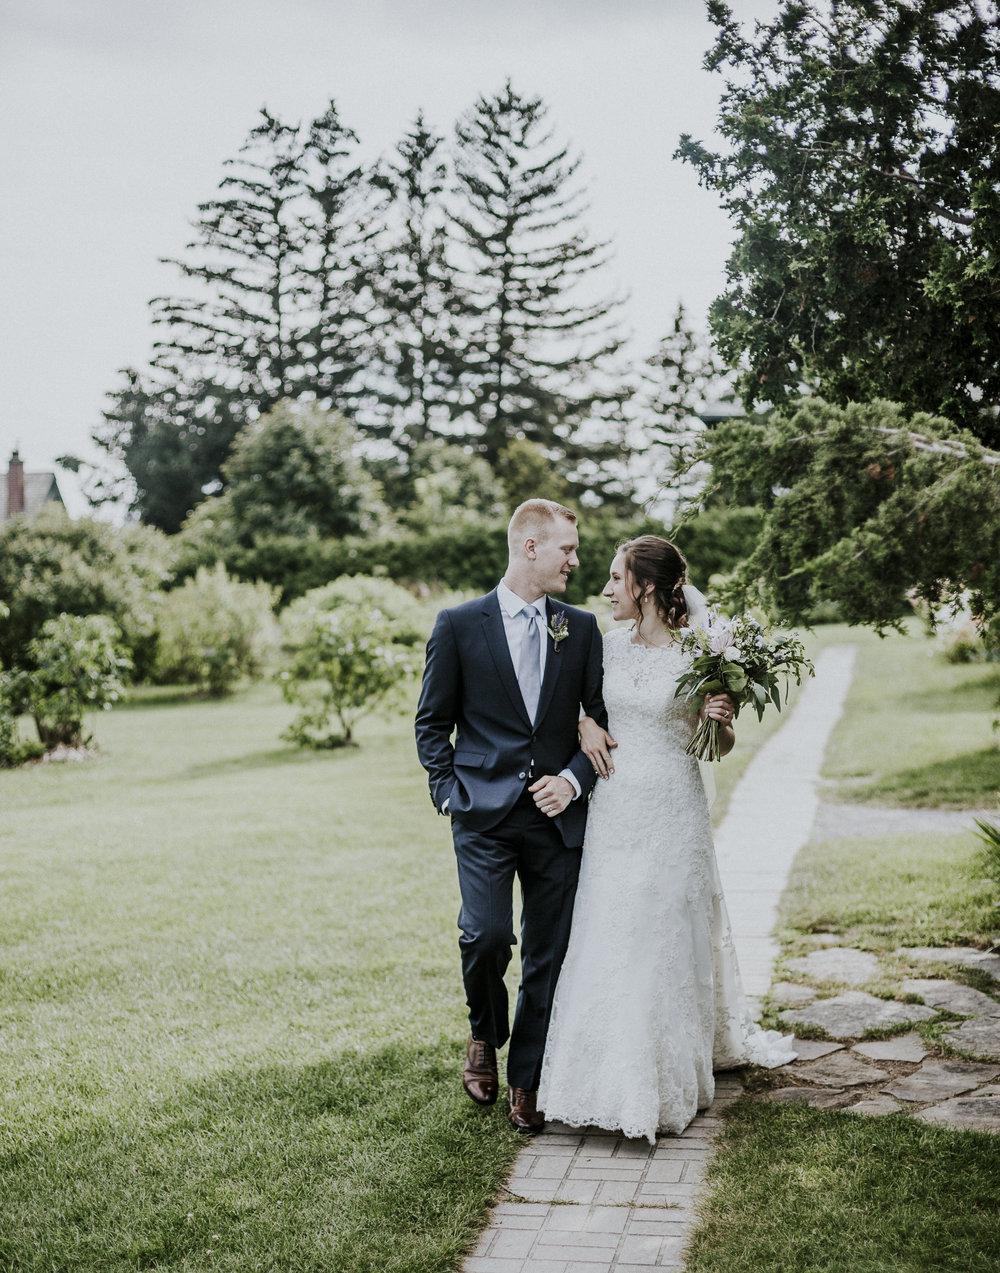 BRIDE+GROOM-PORTRAITS-032.jpg